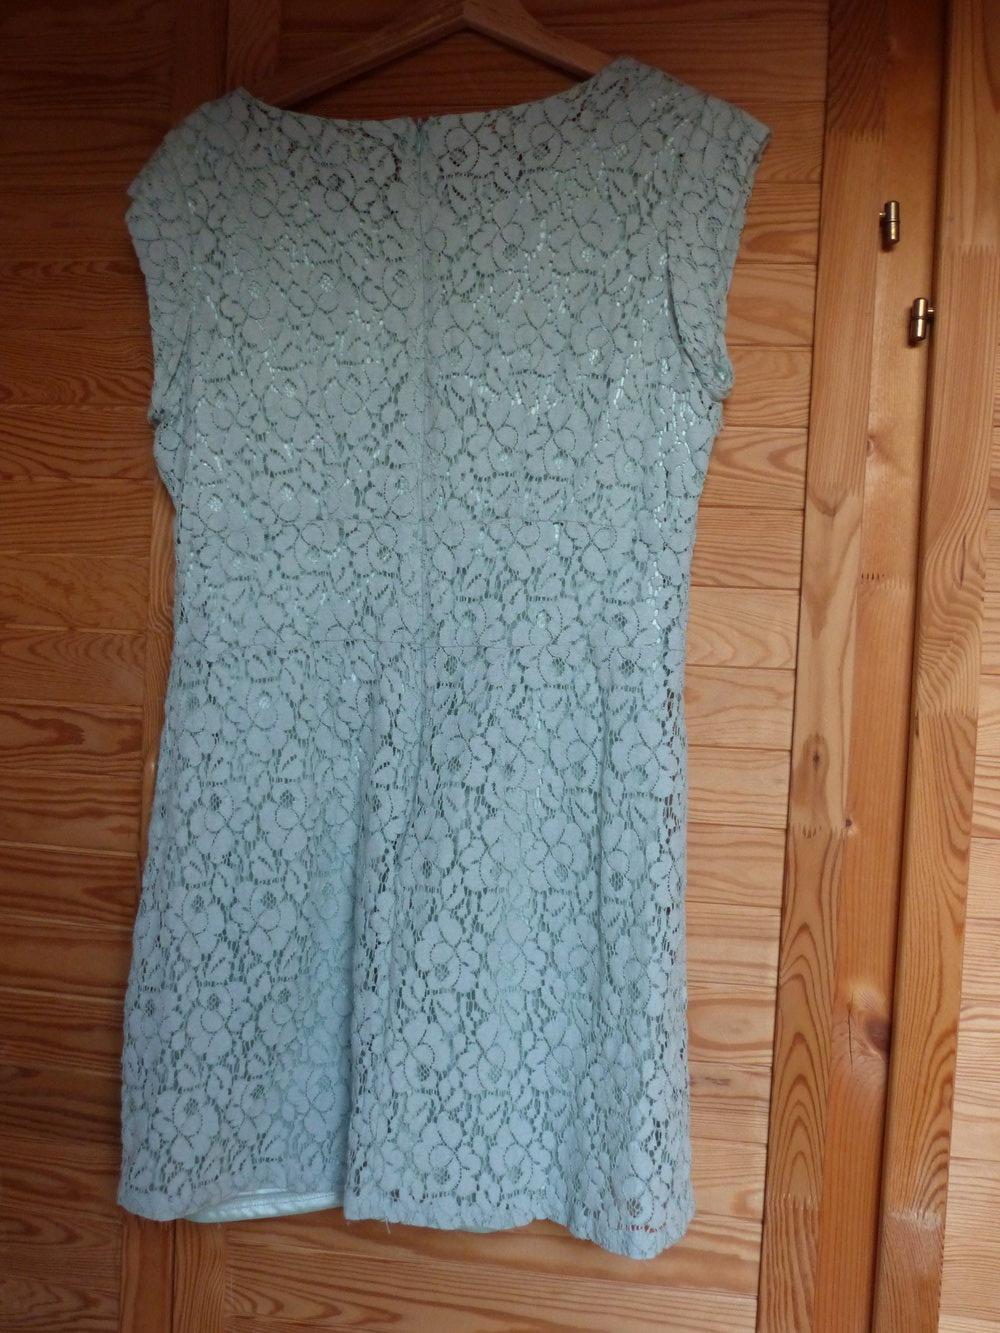 Schönes mintgrünes Kleid